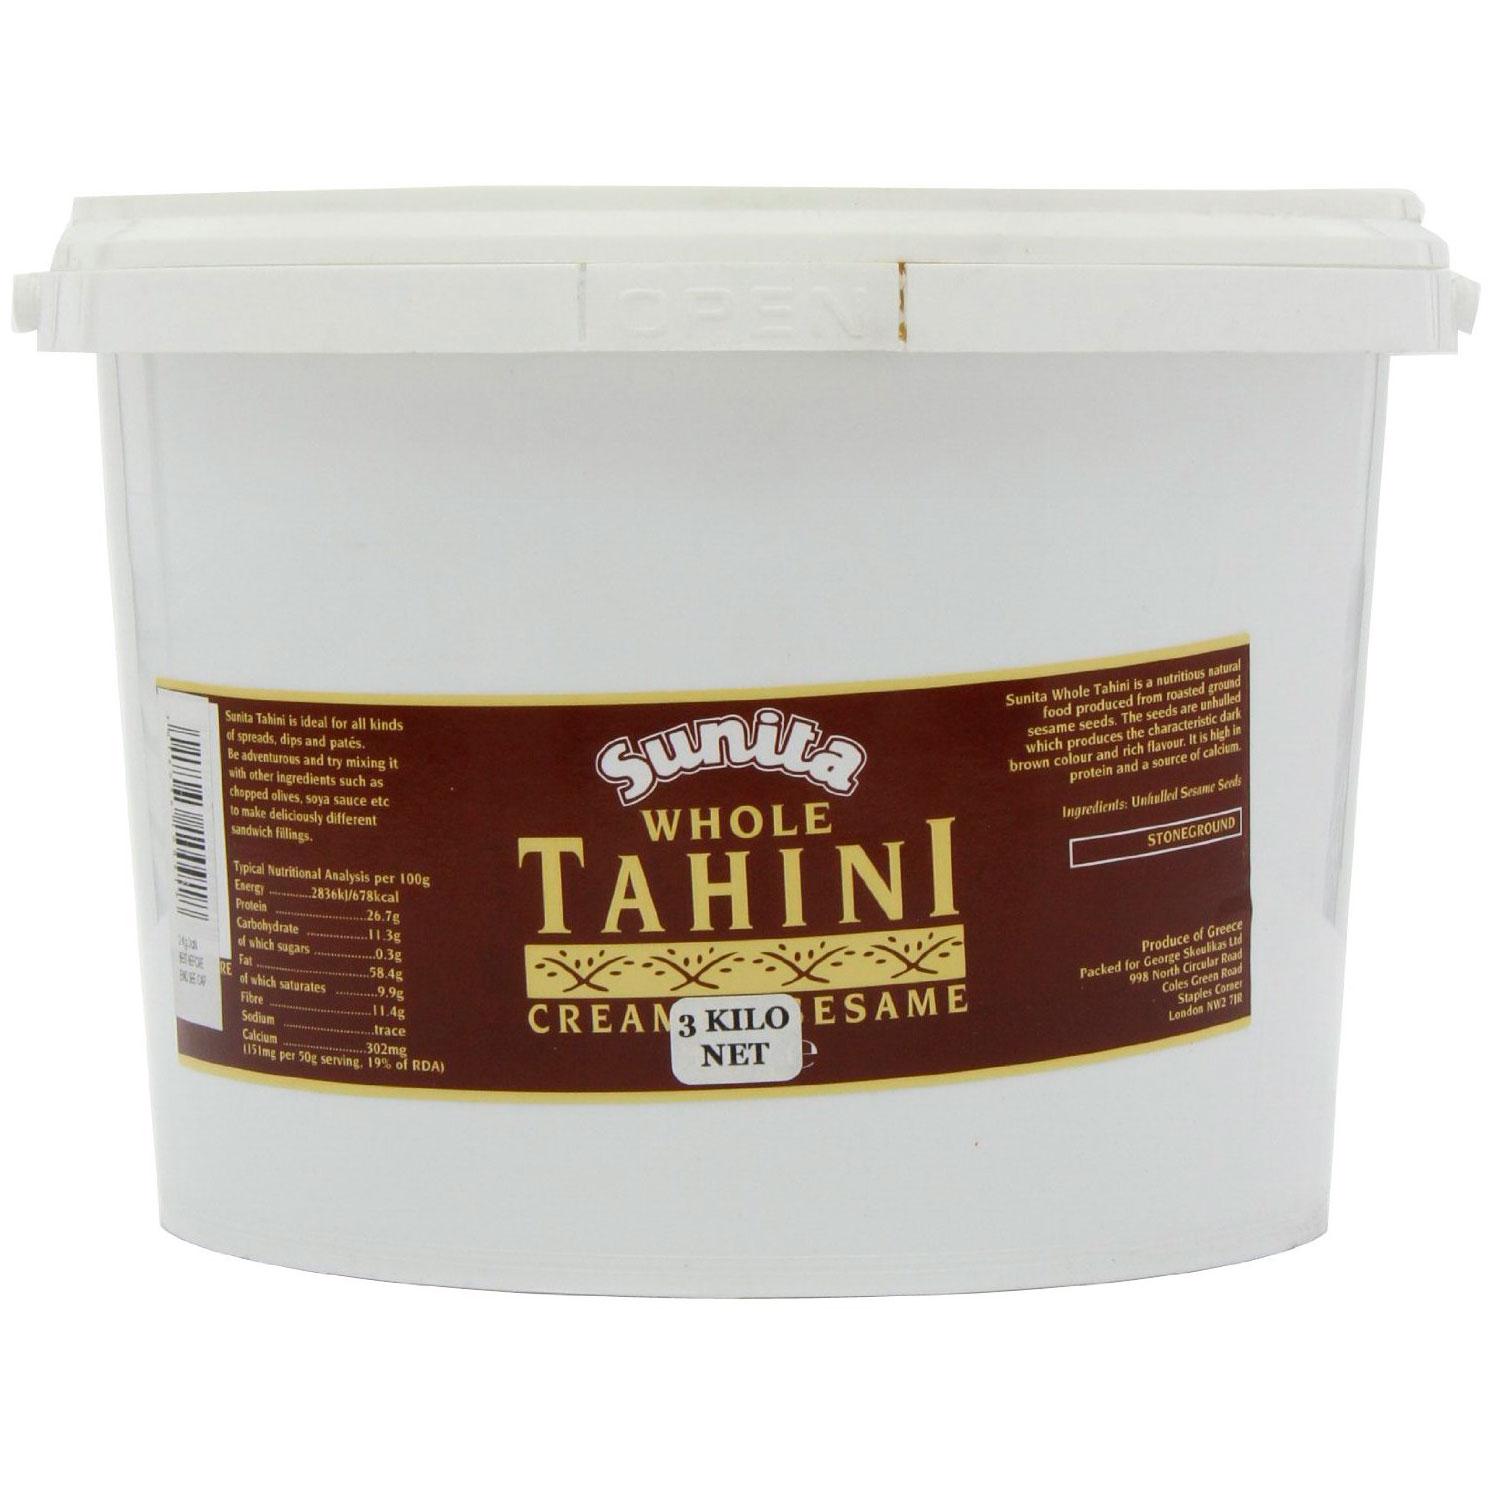 Sunita Whole Tahini Creamed Sesame